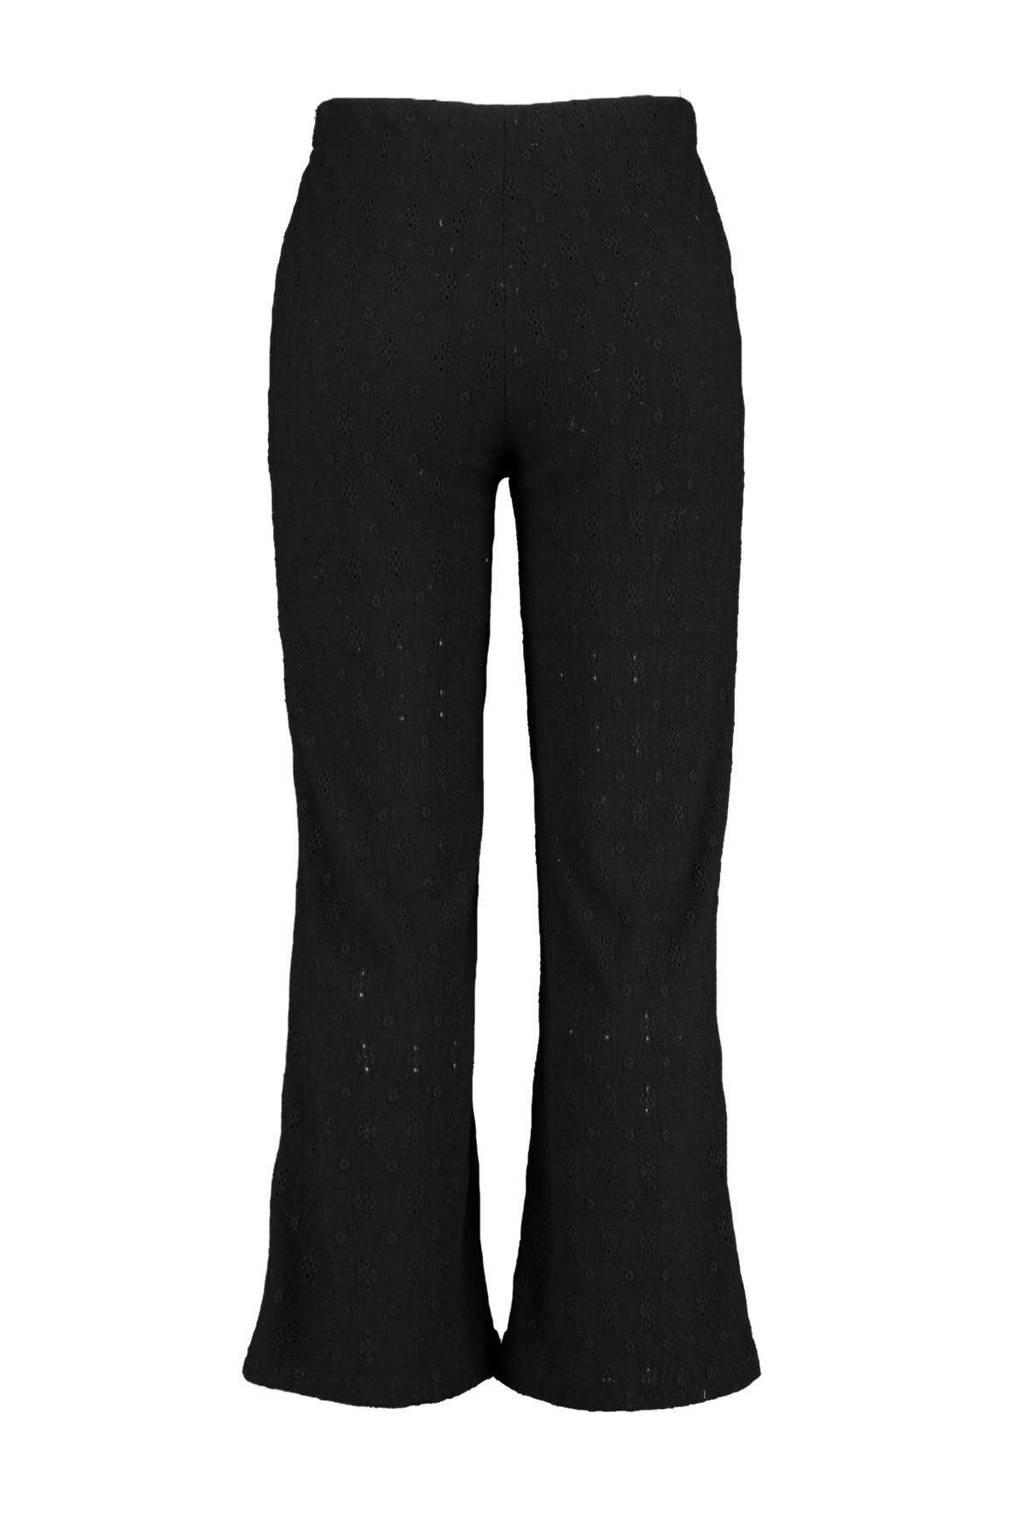 MS Mode high waist loose fit palazzo broek zwart, Zwart